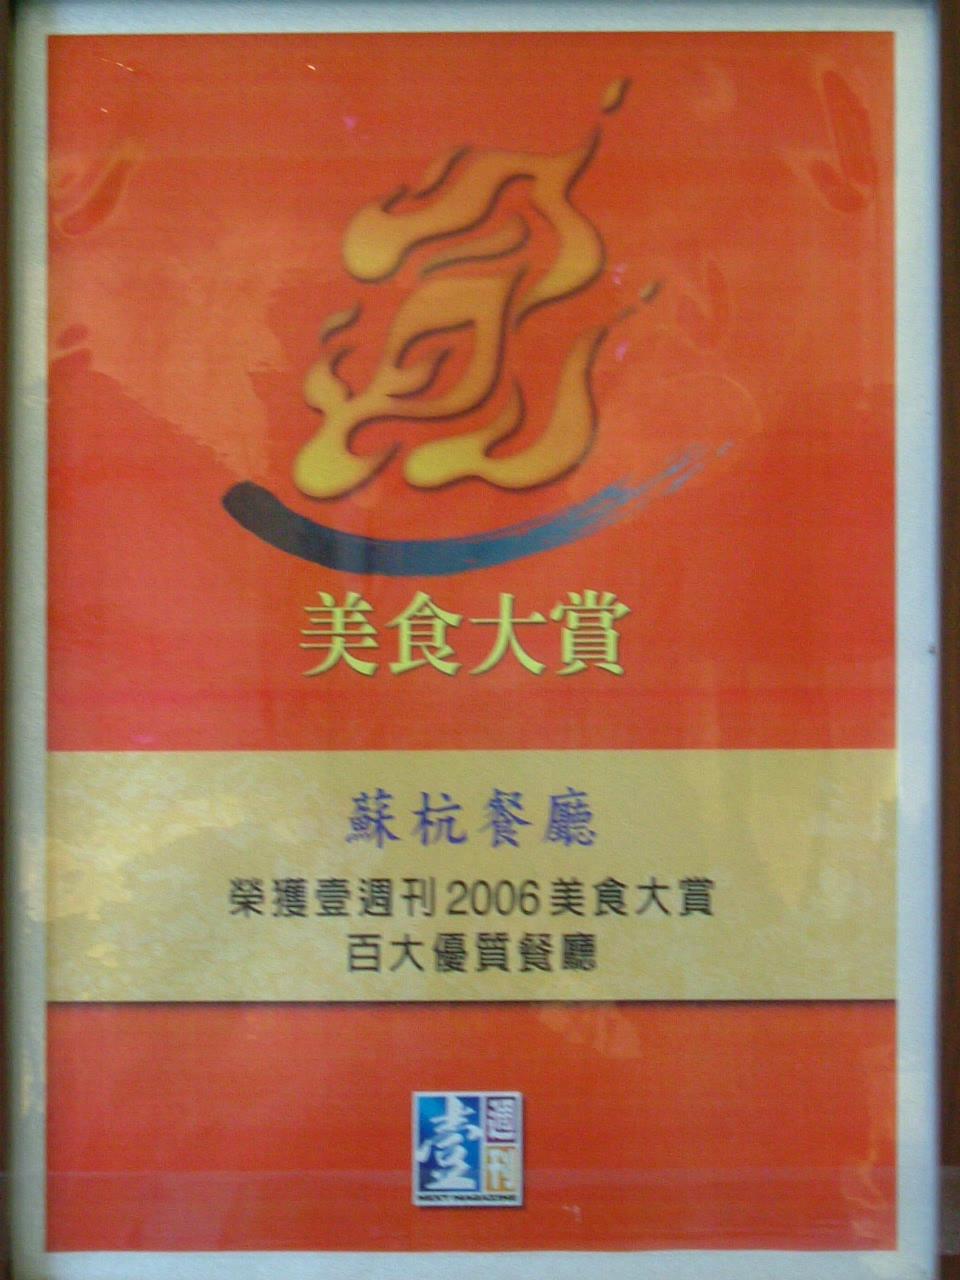 2006蘇杭榮獲壹週刊美食大賞為百大優質餐廳